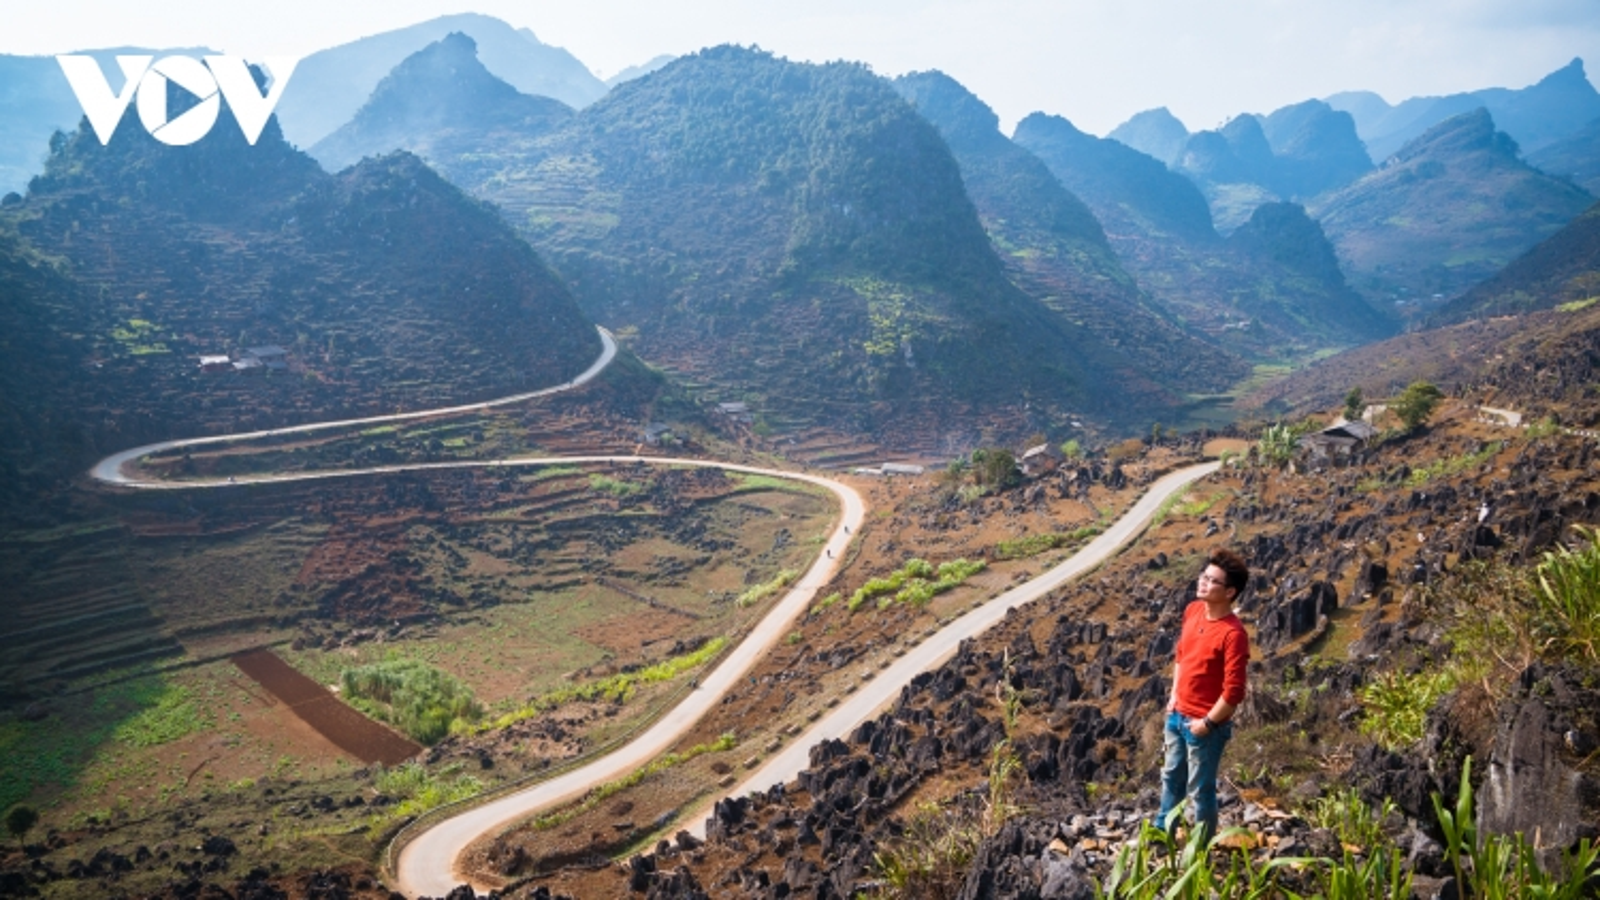 Vẻ đẹp của những cung đường đèo, dốc trên Cao nguyên đá